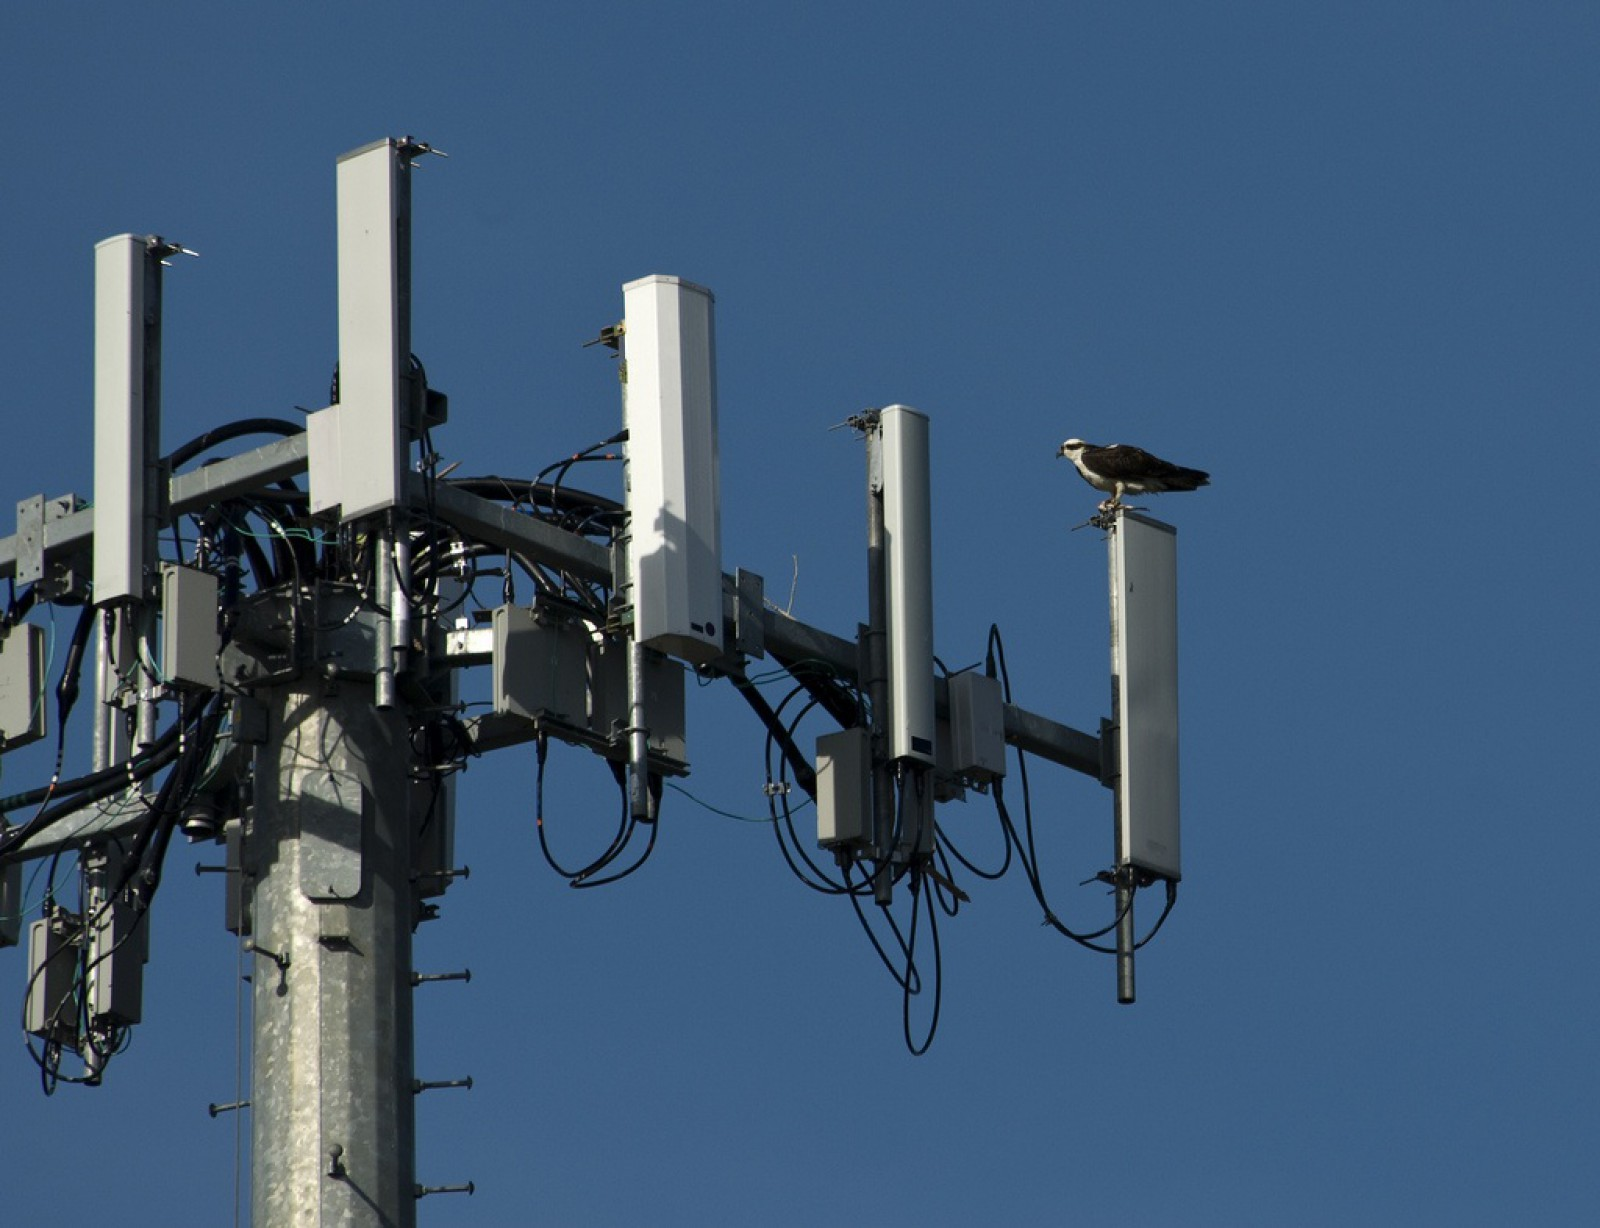 Va fi îmbunătățită calitatea serviciilor de comunicații electronice mobile